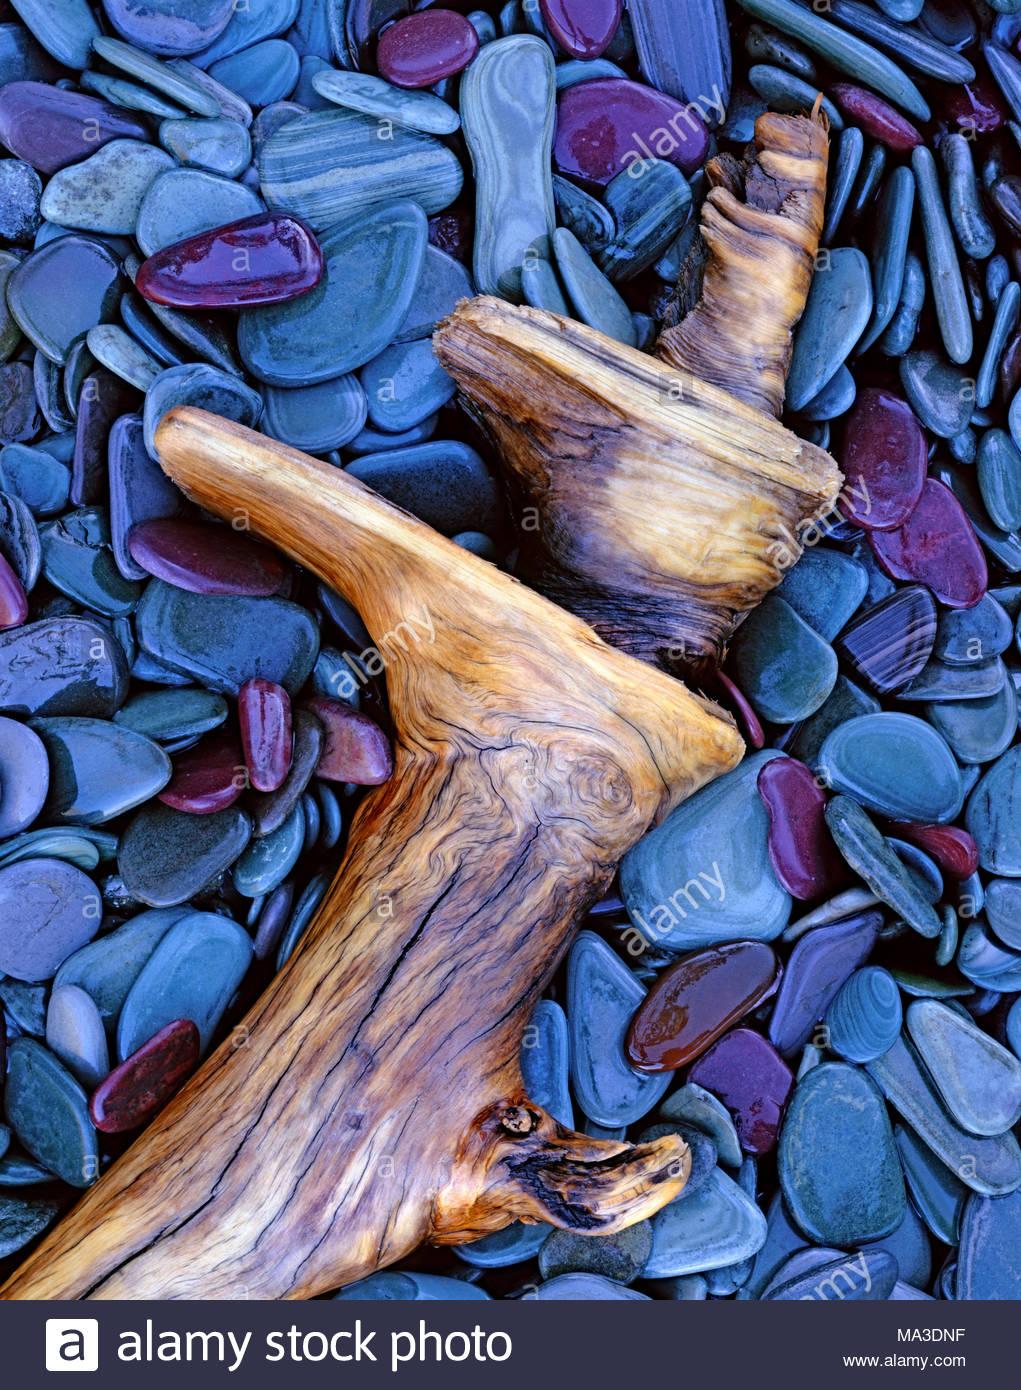 Pierres et bois flotté après la pluie sur la rive du lac Sainte-Marie, Glacier National Park, Montana Photo Stock